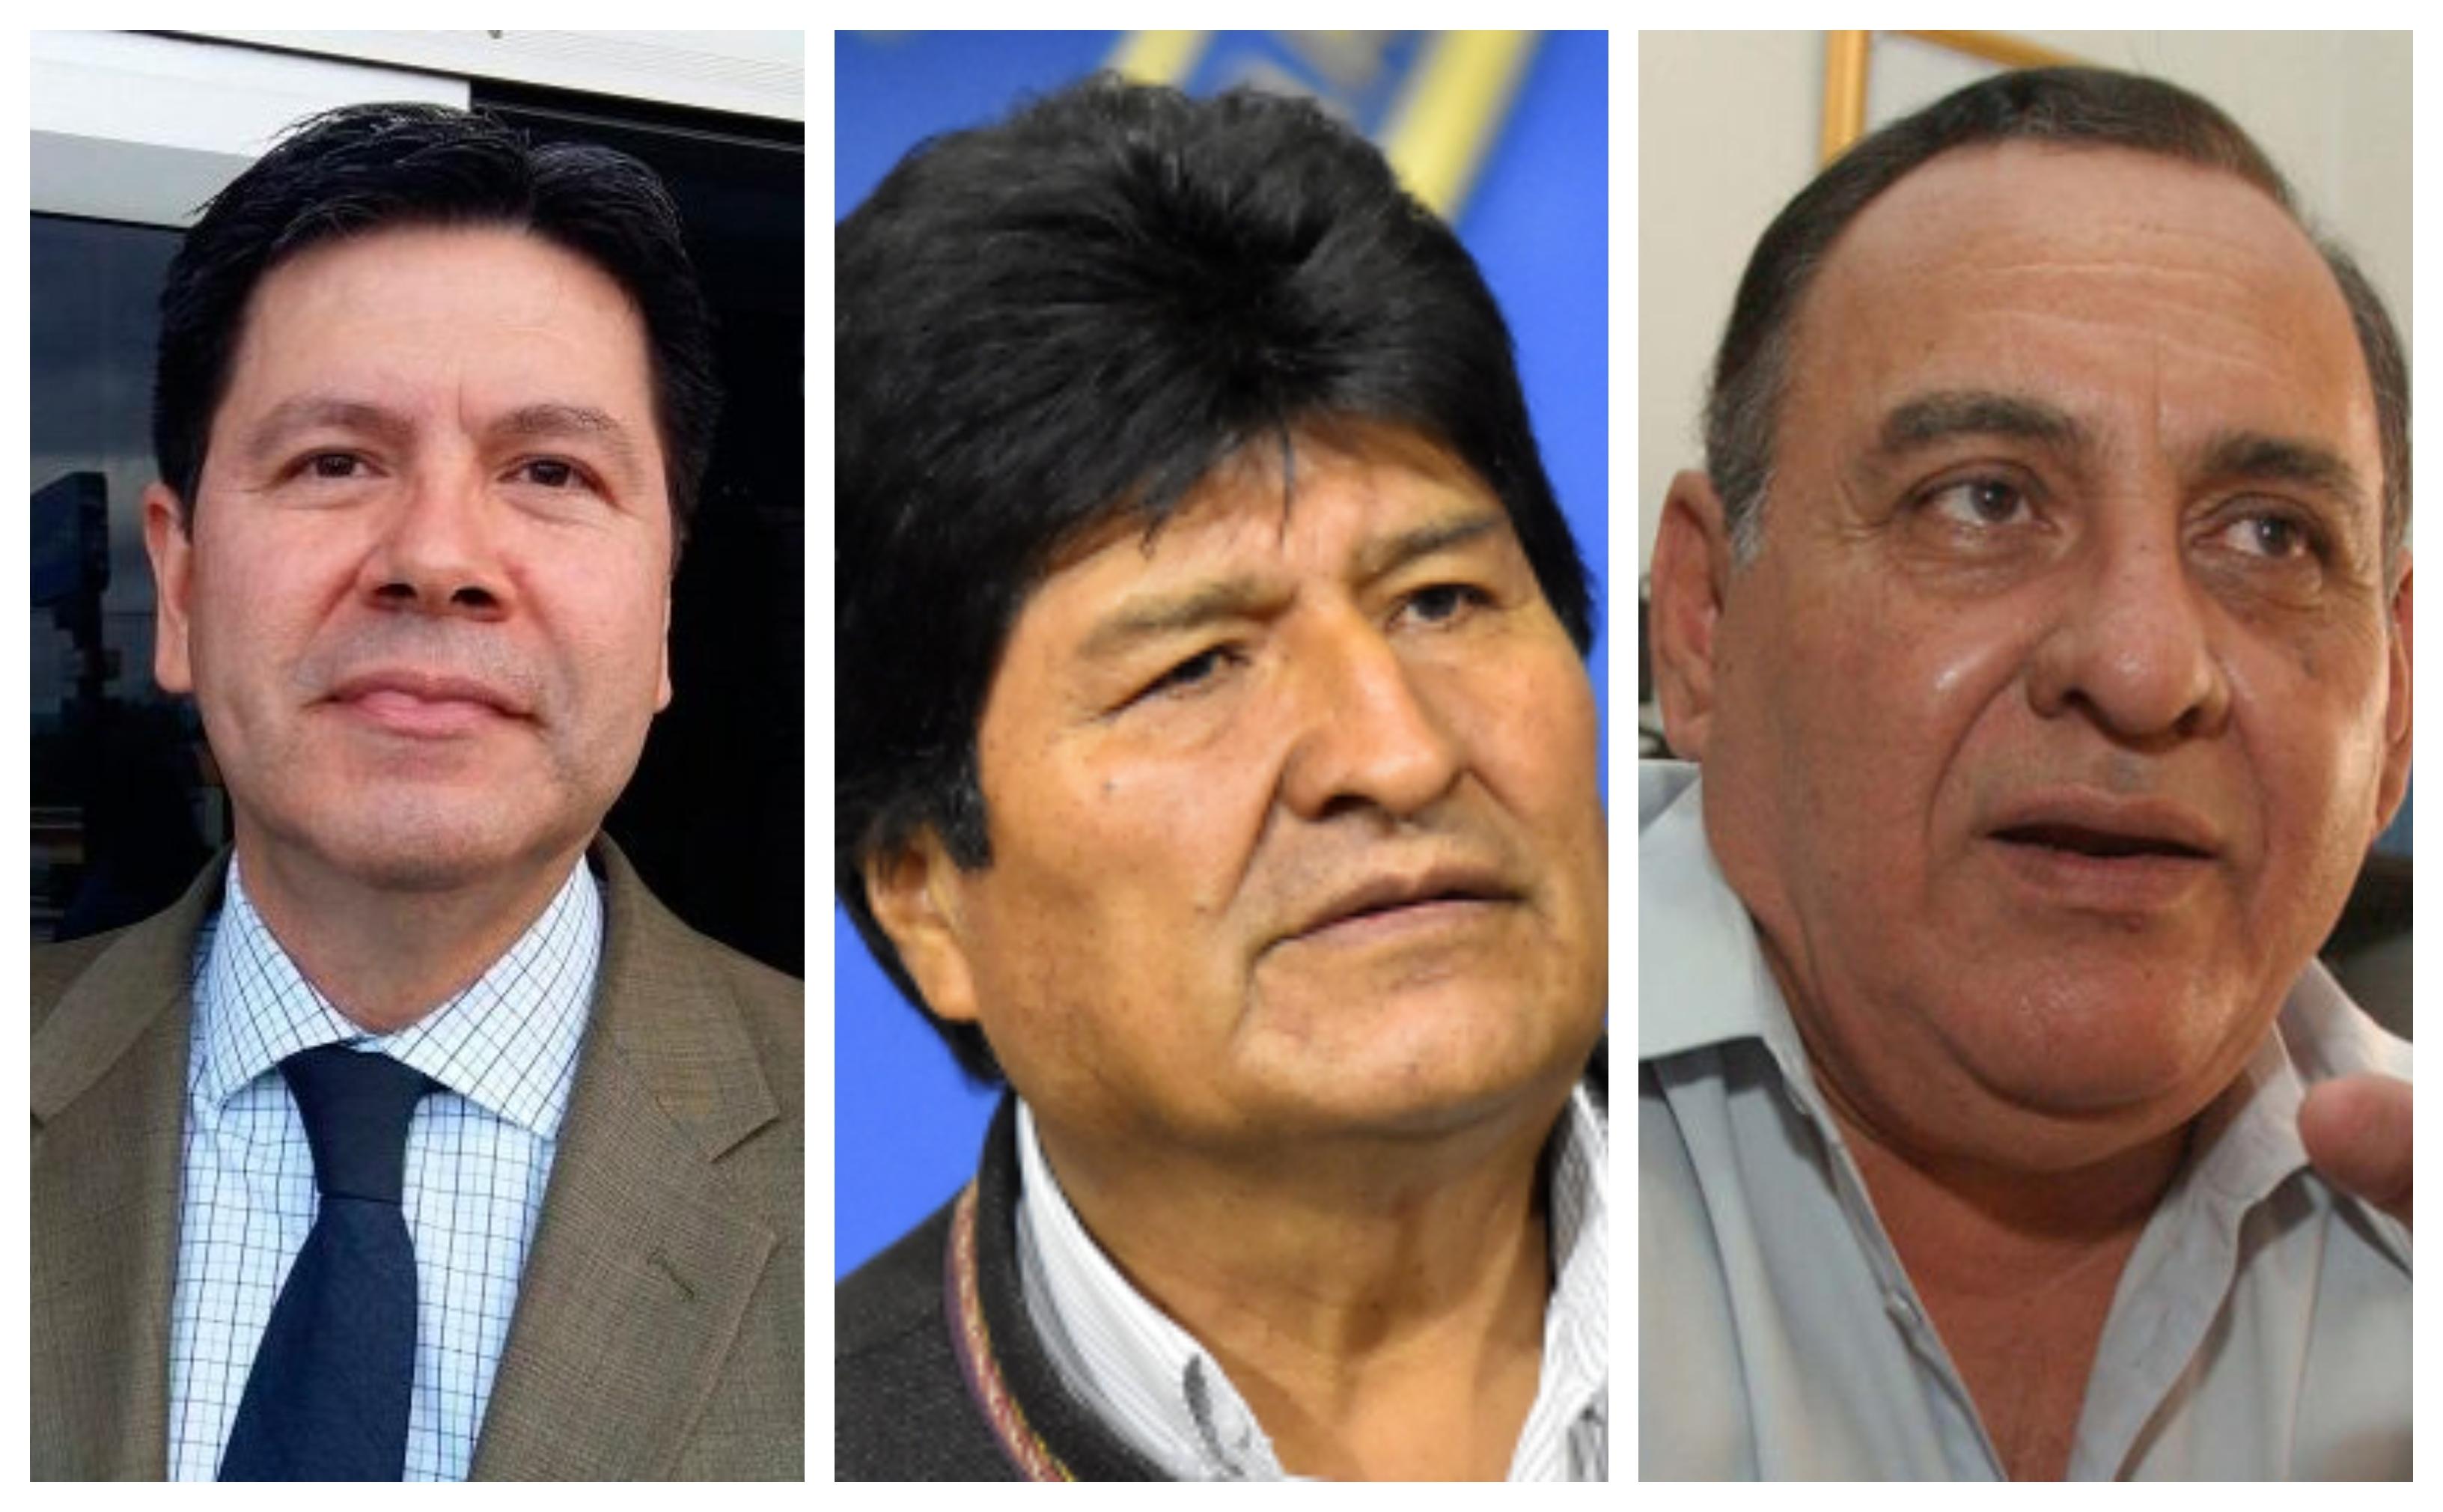 Renuncia de Evo: fenómenos del Cono Sur repercuten en Honduras, según analistas hondureños